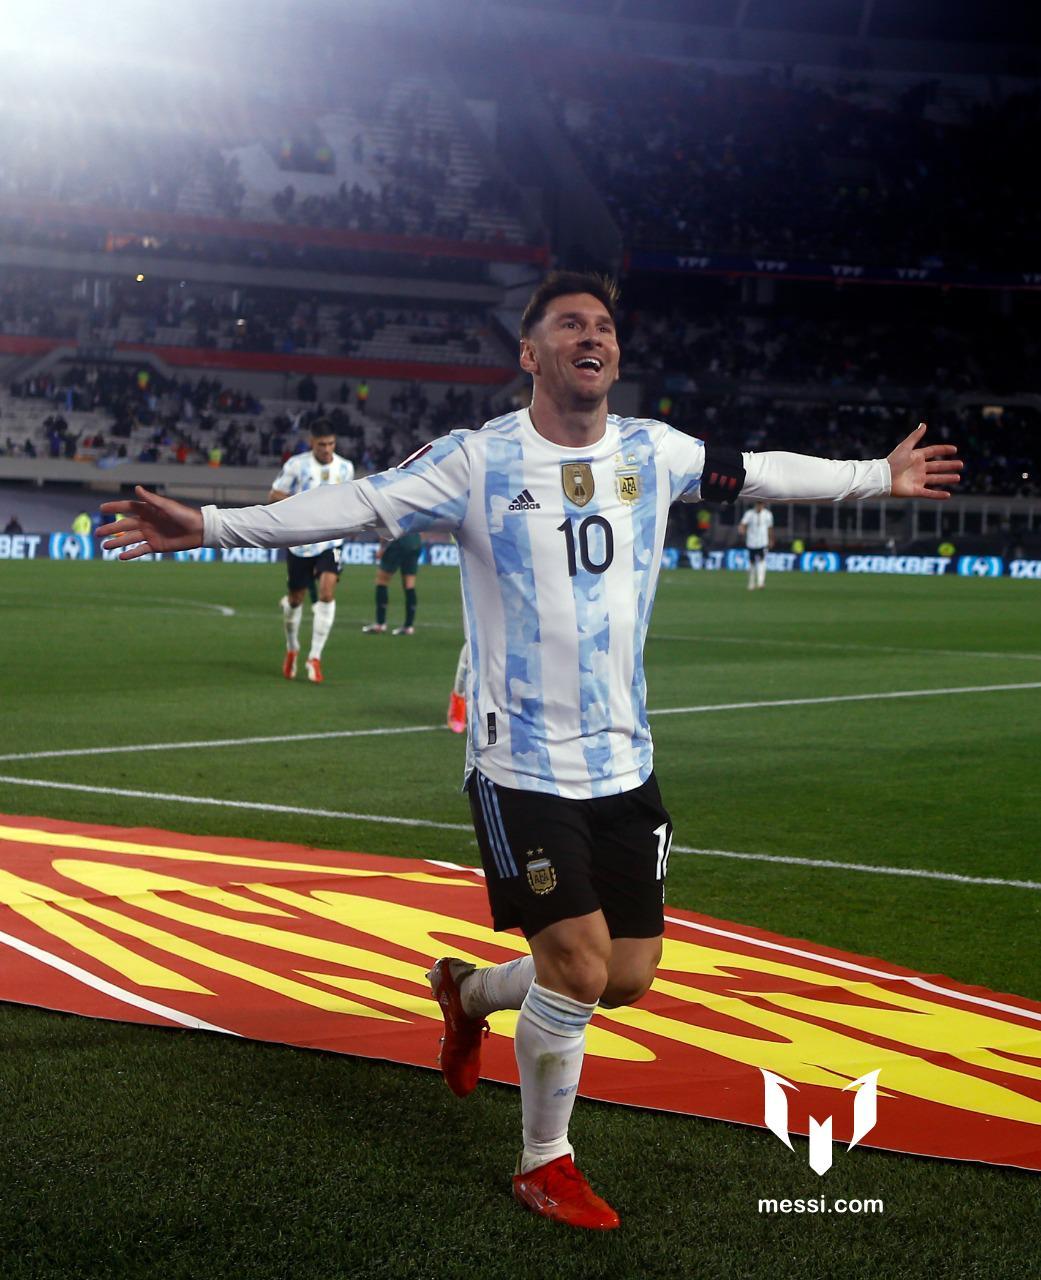 Leo Messi đã được đội tuyển quốc gia Argentina triệu tập trong tháng 10/2021